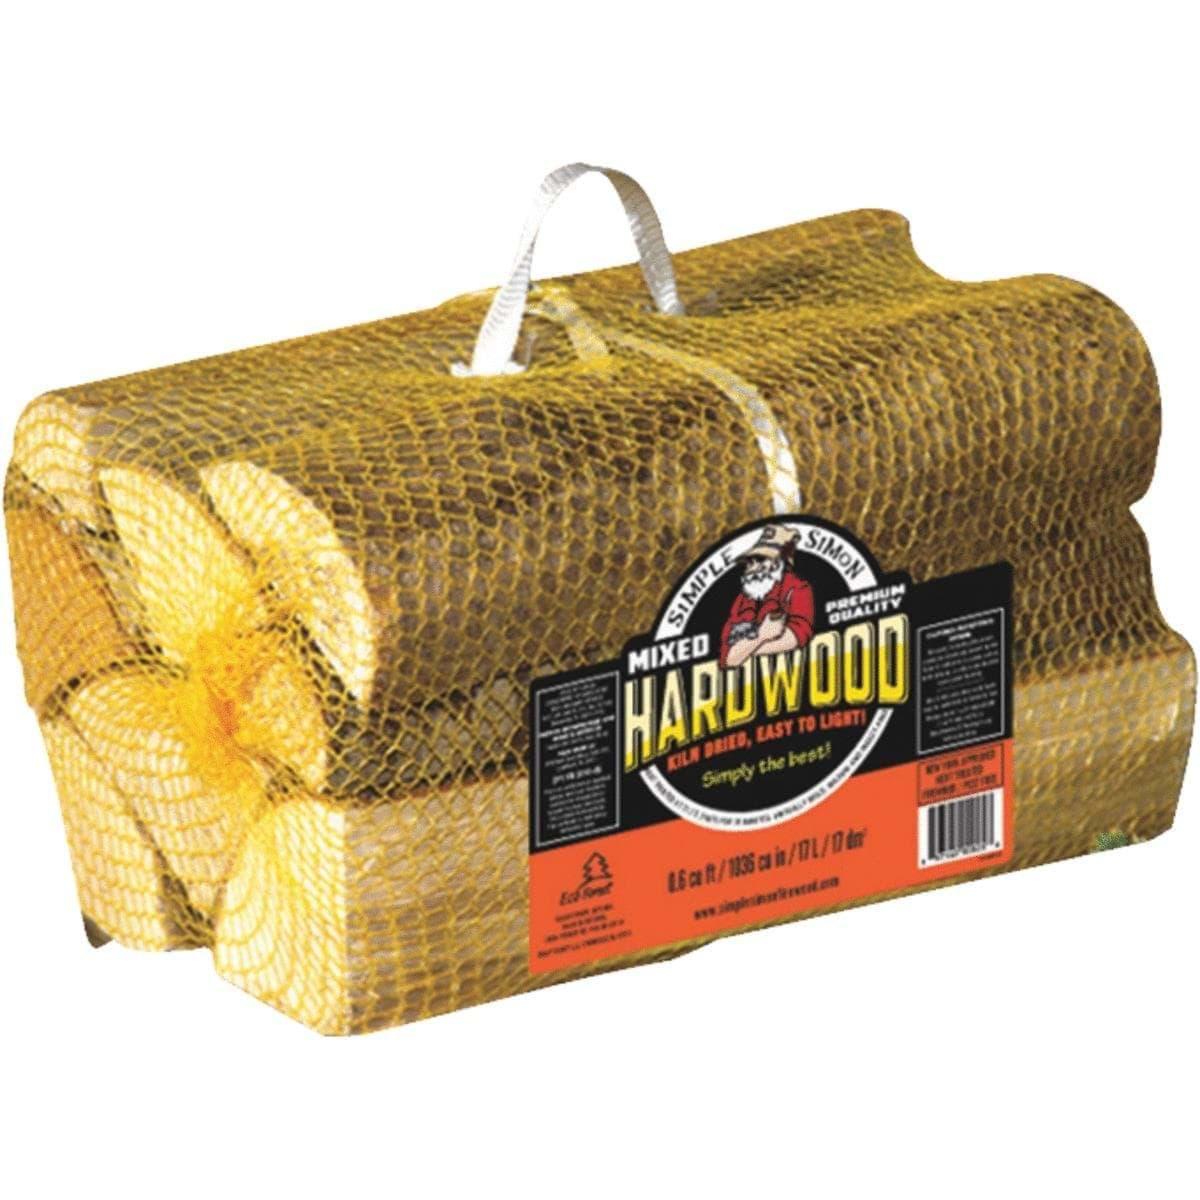 Ropesoapndope Simple Simon Hardwood Firewood